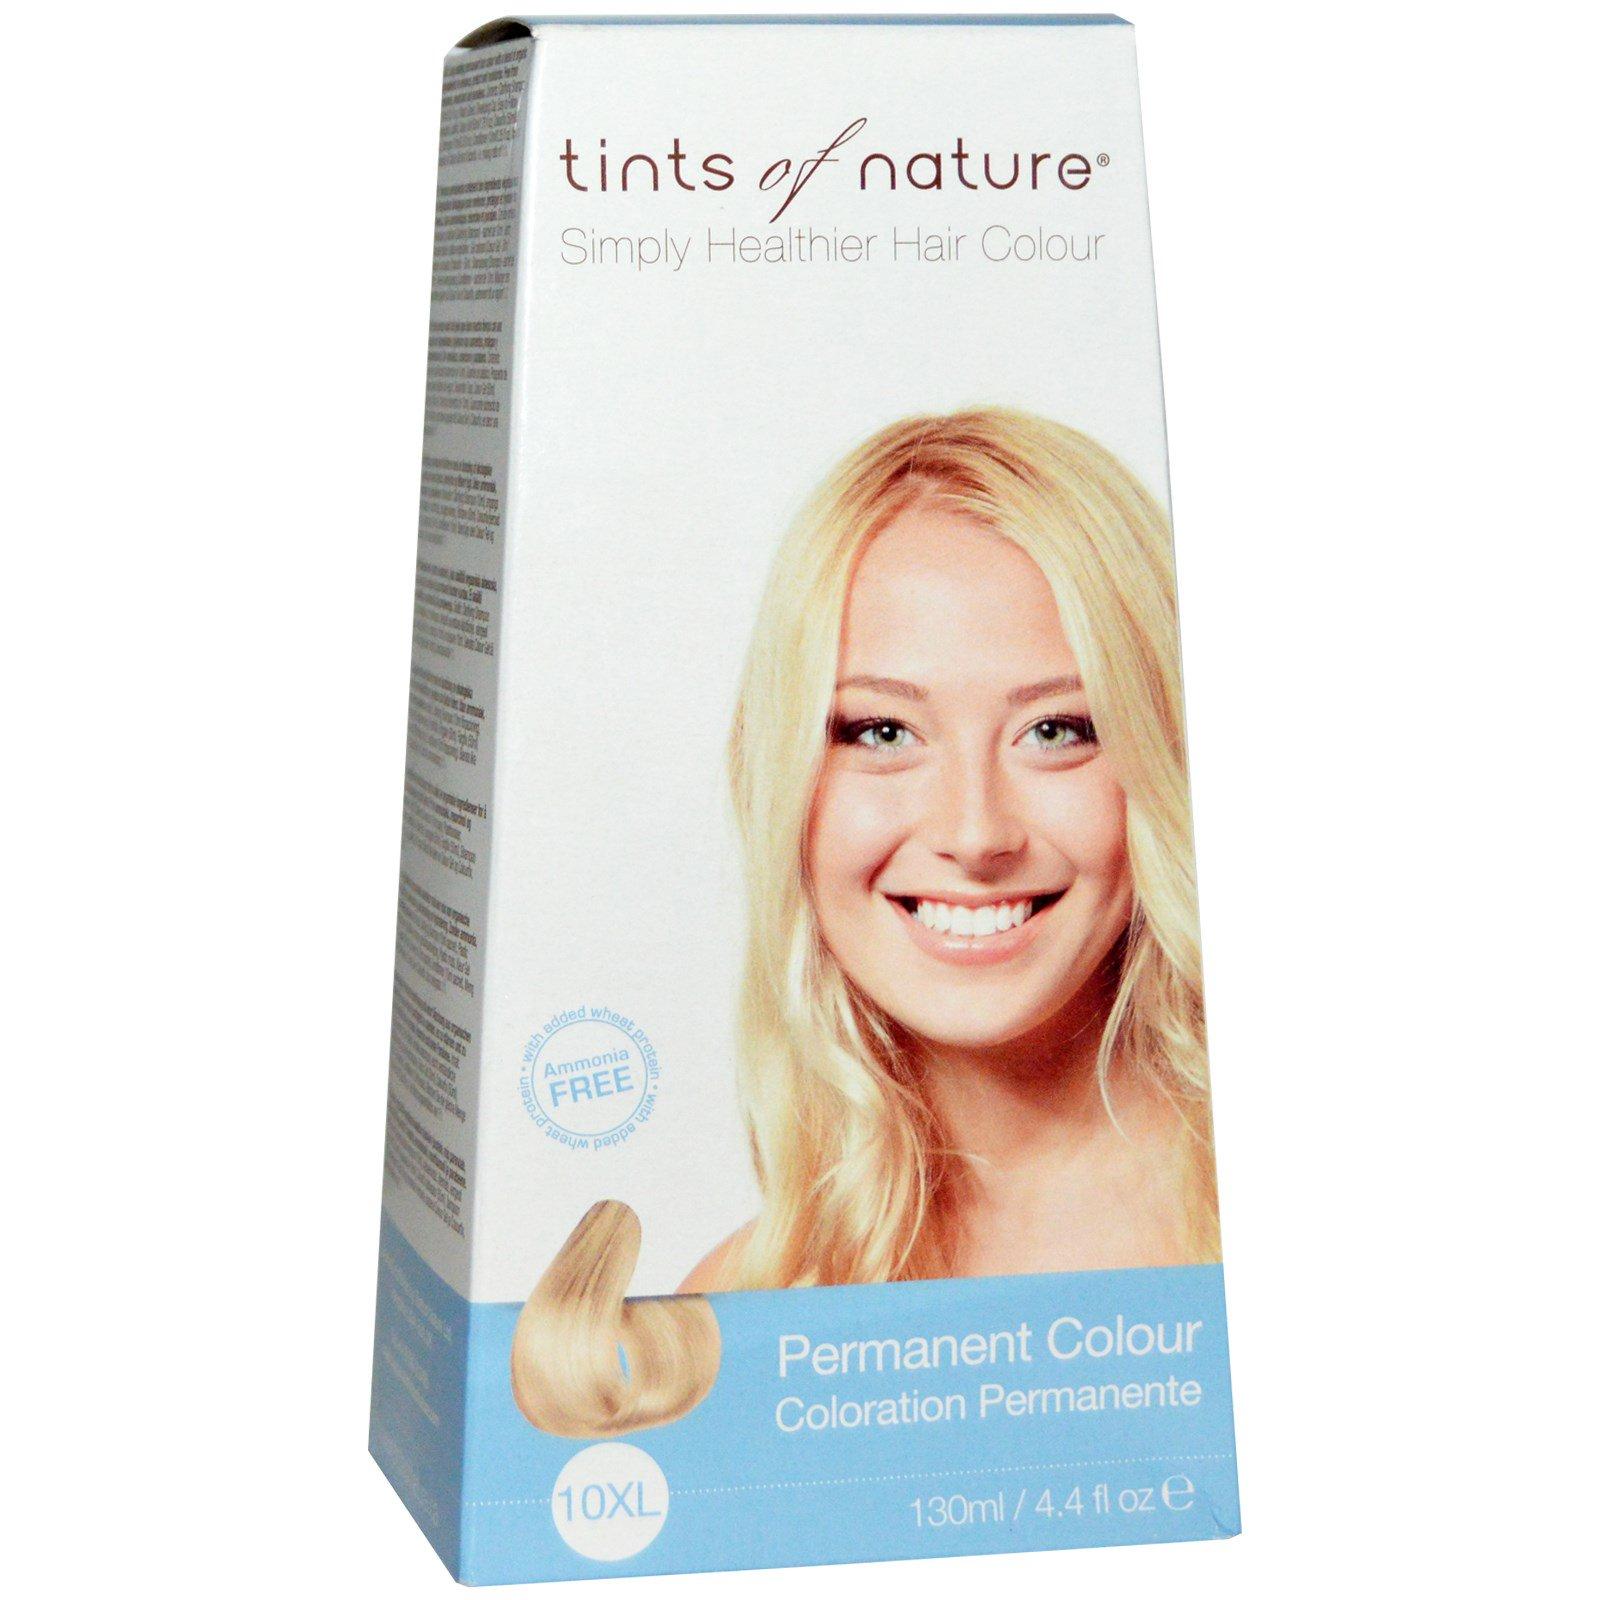 Tints of Nature, Устойчивая краска, очень светлый блондинистый оттенок, 10XL, 4.4 жидких унции (130 мл)